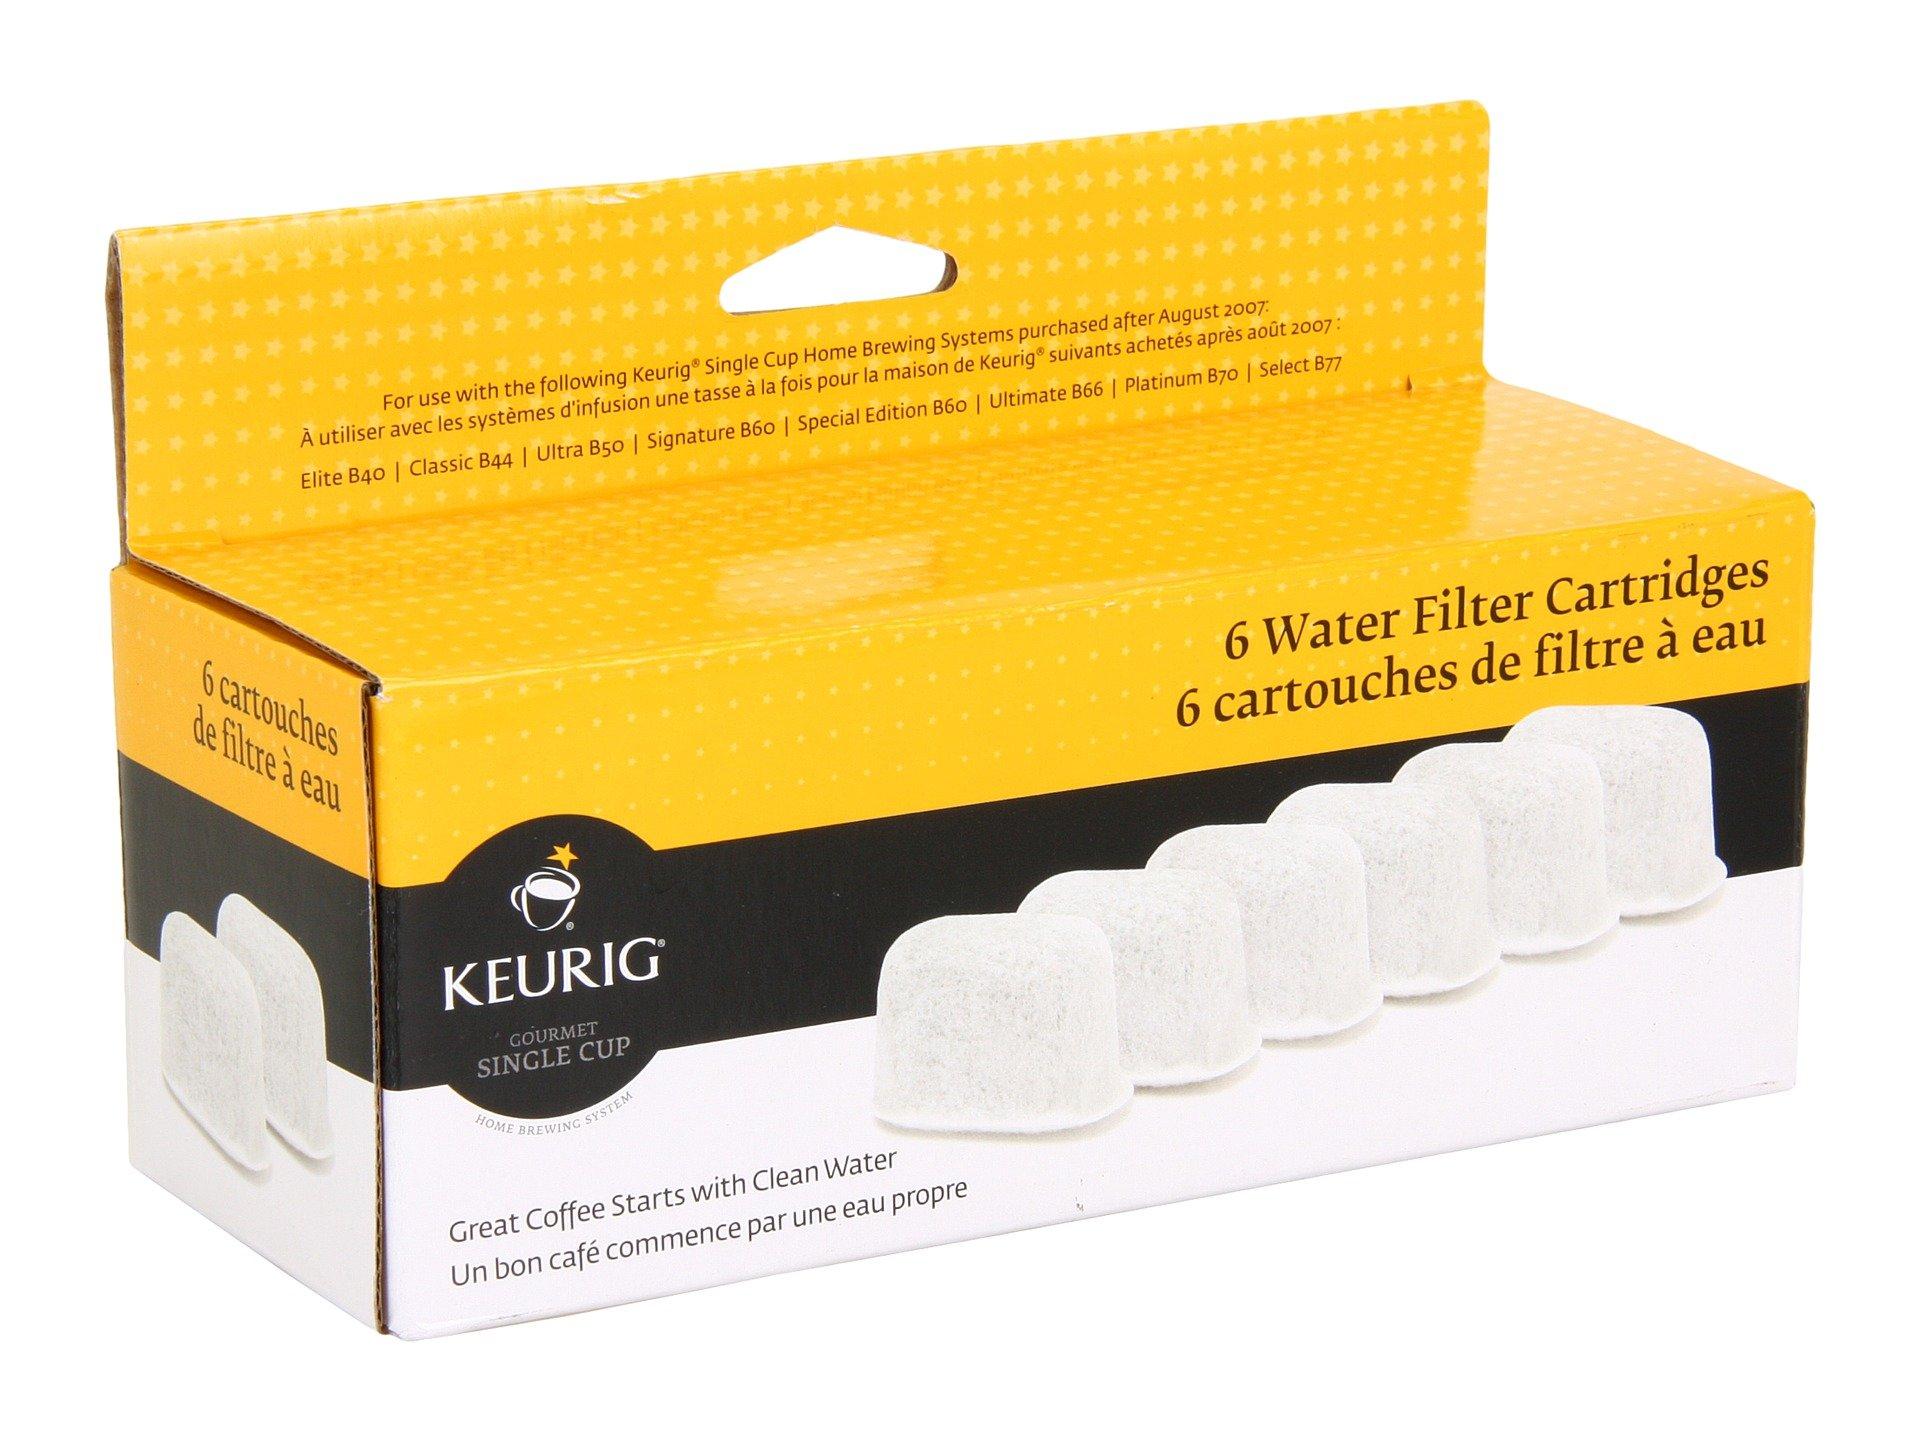 Keurig Replacement Water Filters, 6-Count by Keurig